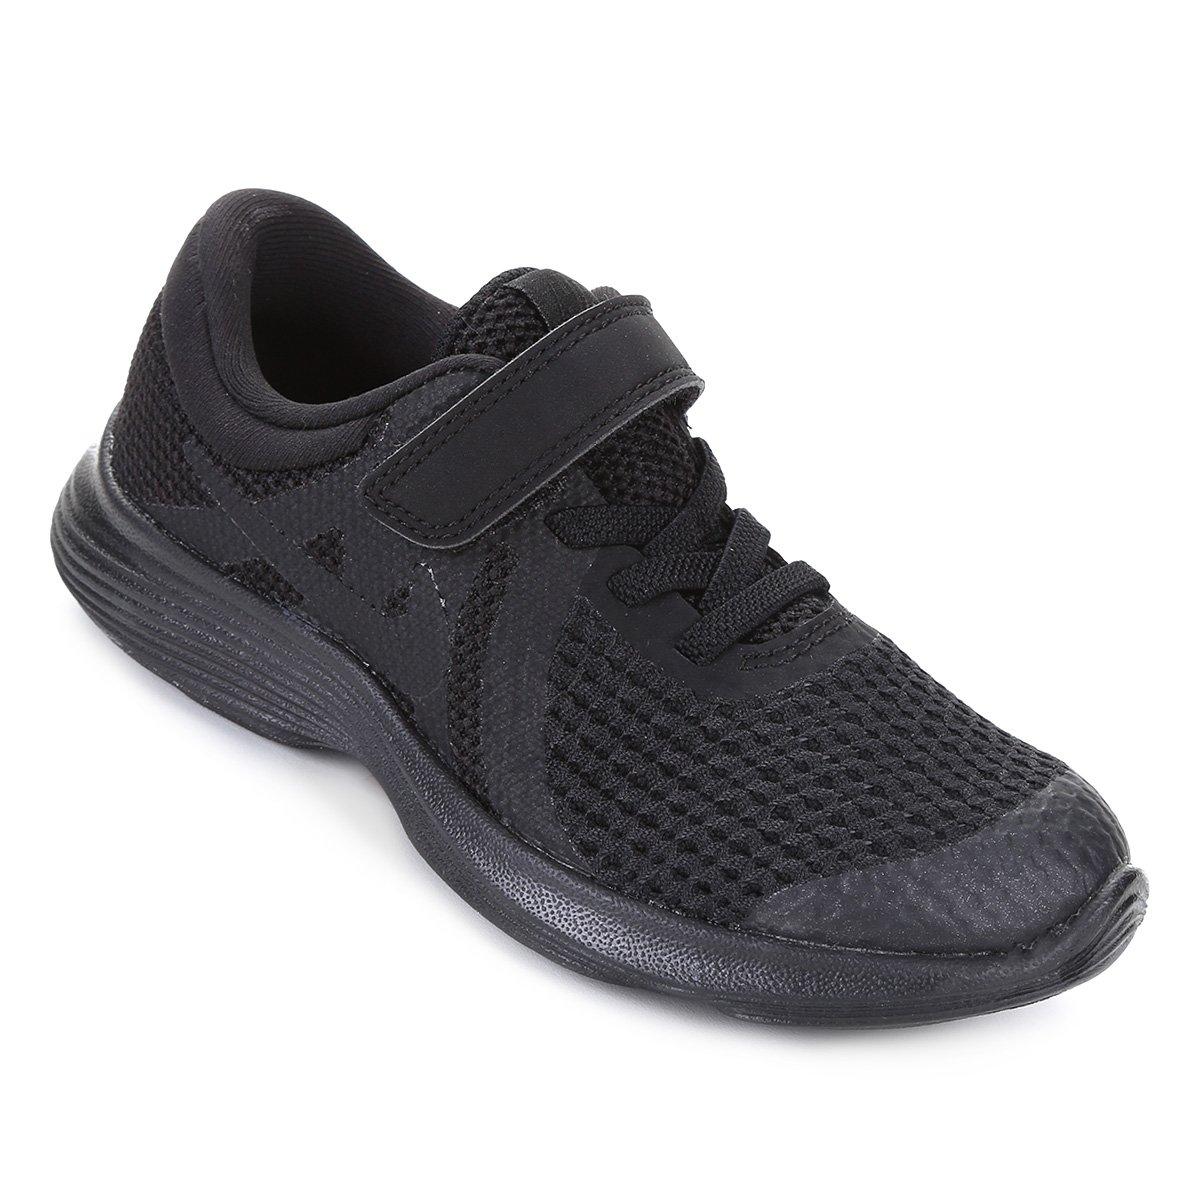 b4162203e2f7c Tênis Infantil Nike Revolution 4 Masculino - Preto - Compre Agora ...